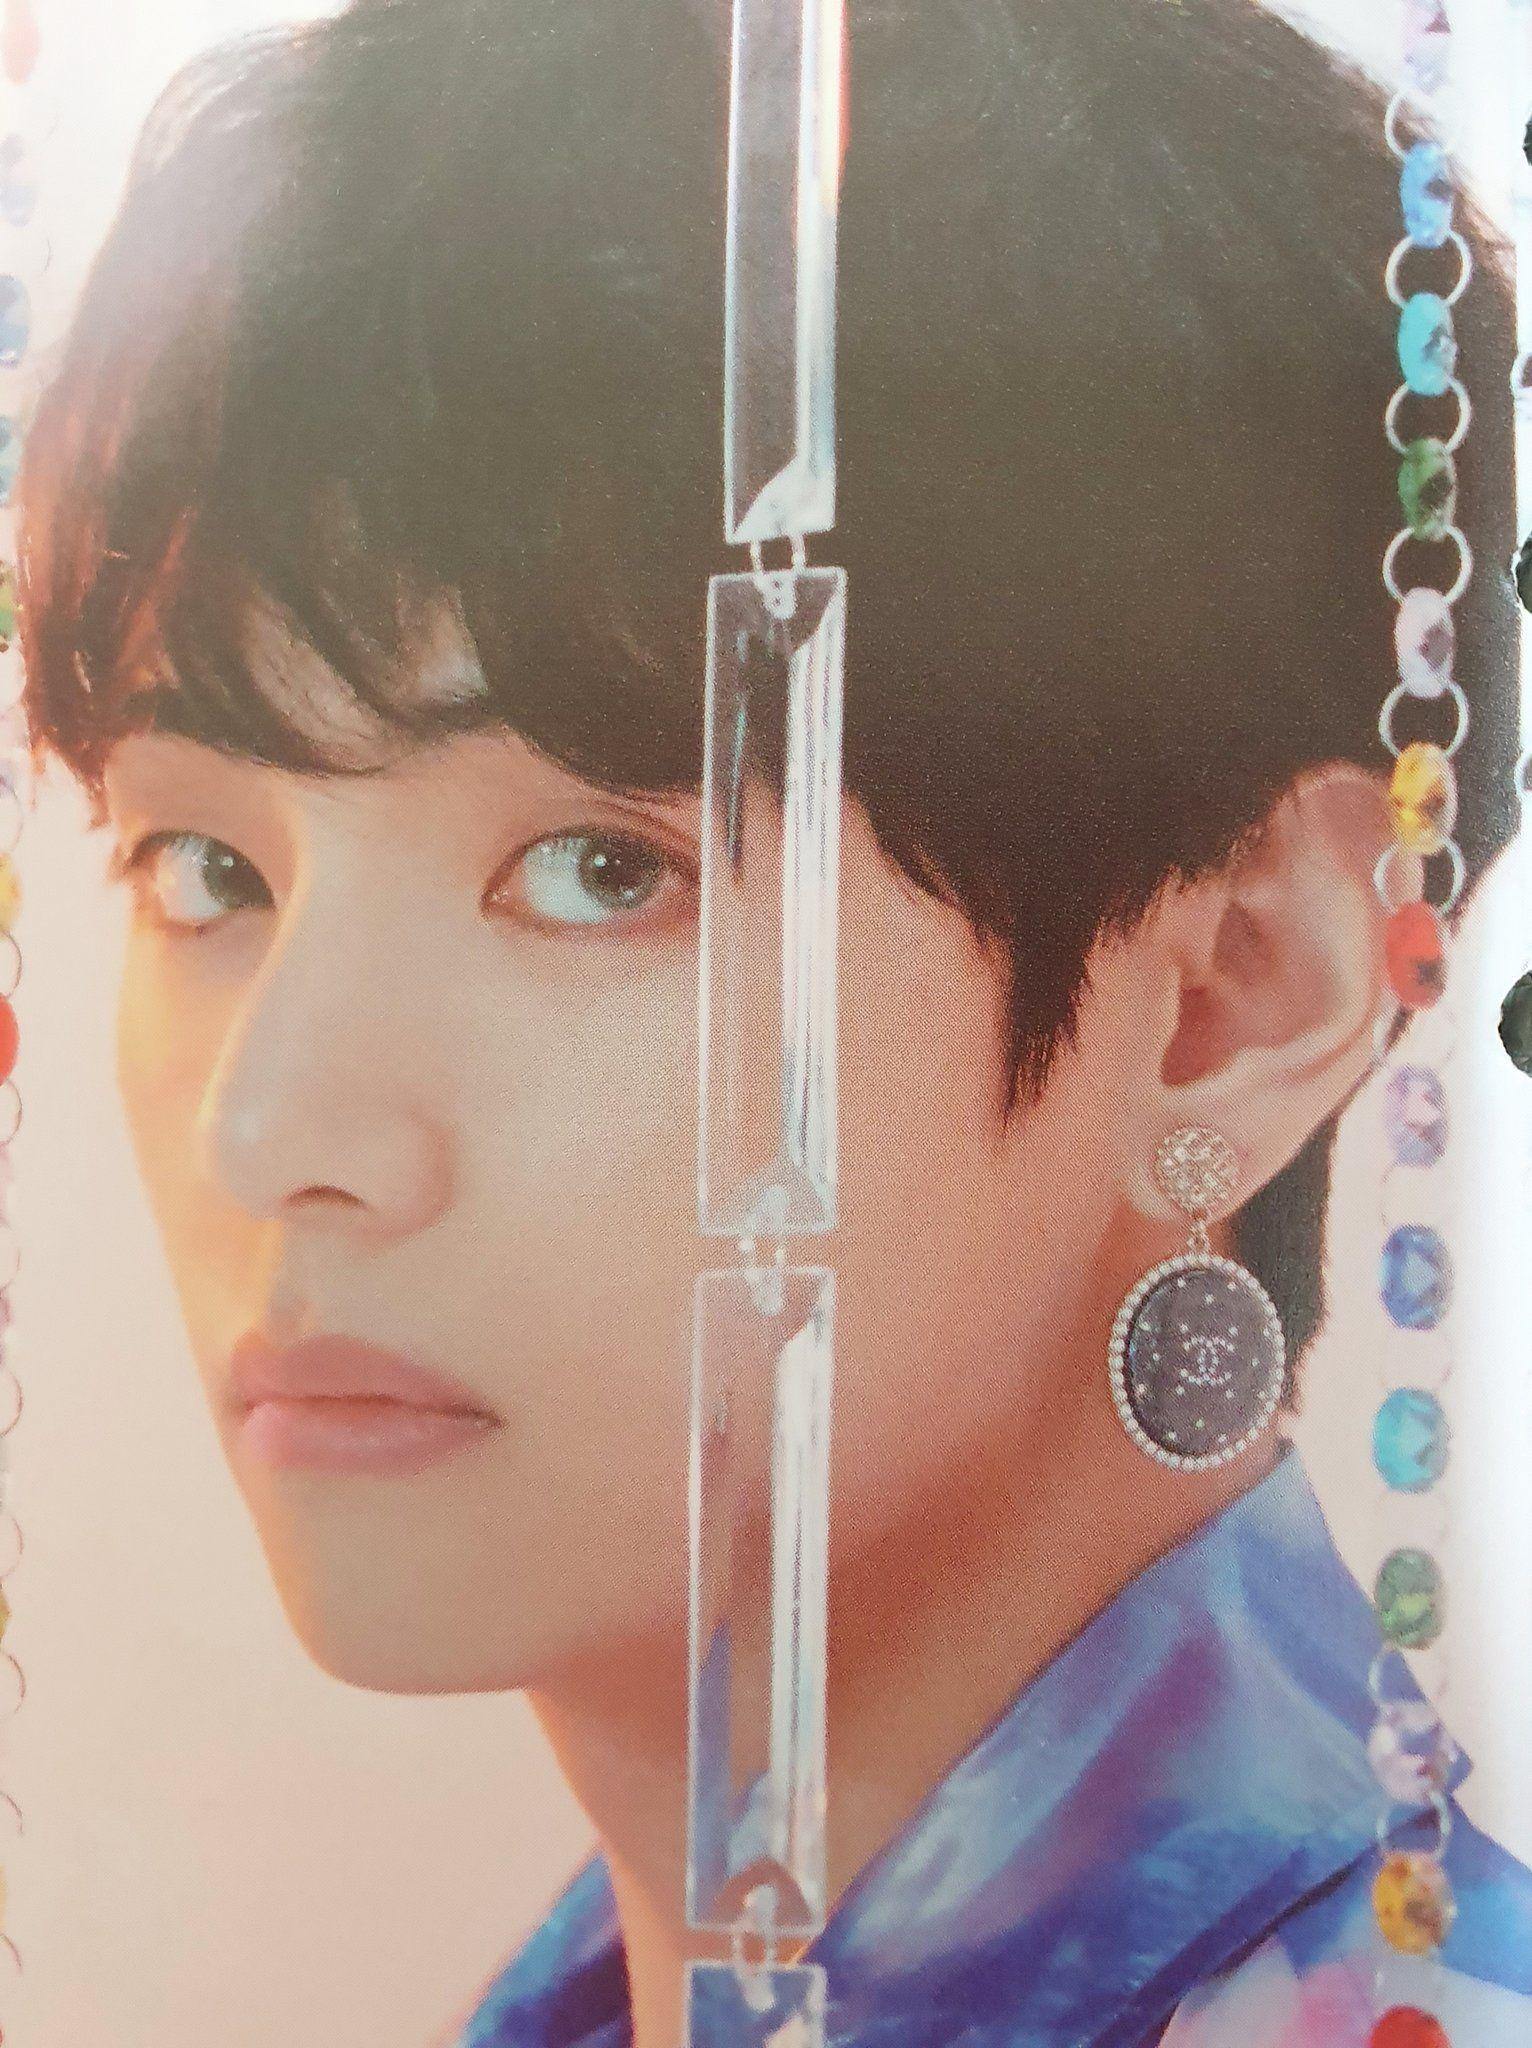 Bts Season S Greeting 2020 V Taehyung Bts Earrings Kim Taehyung